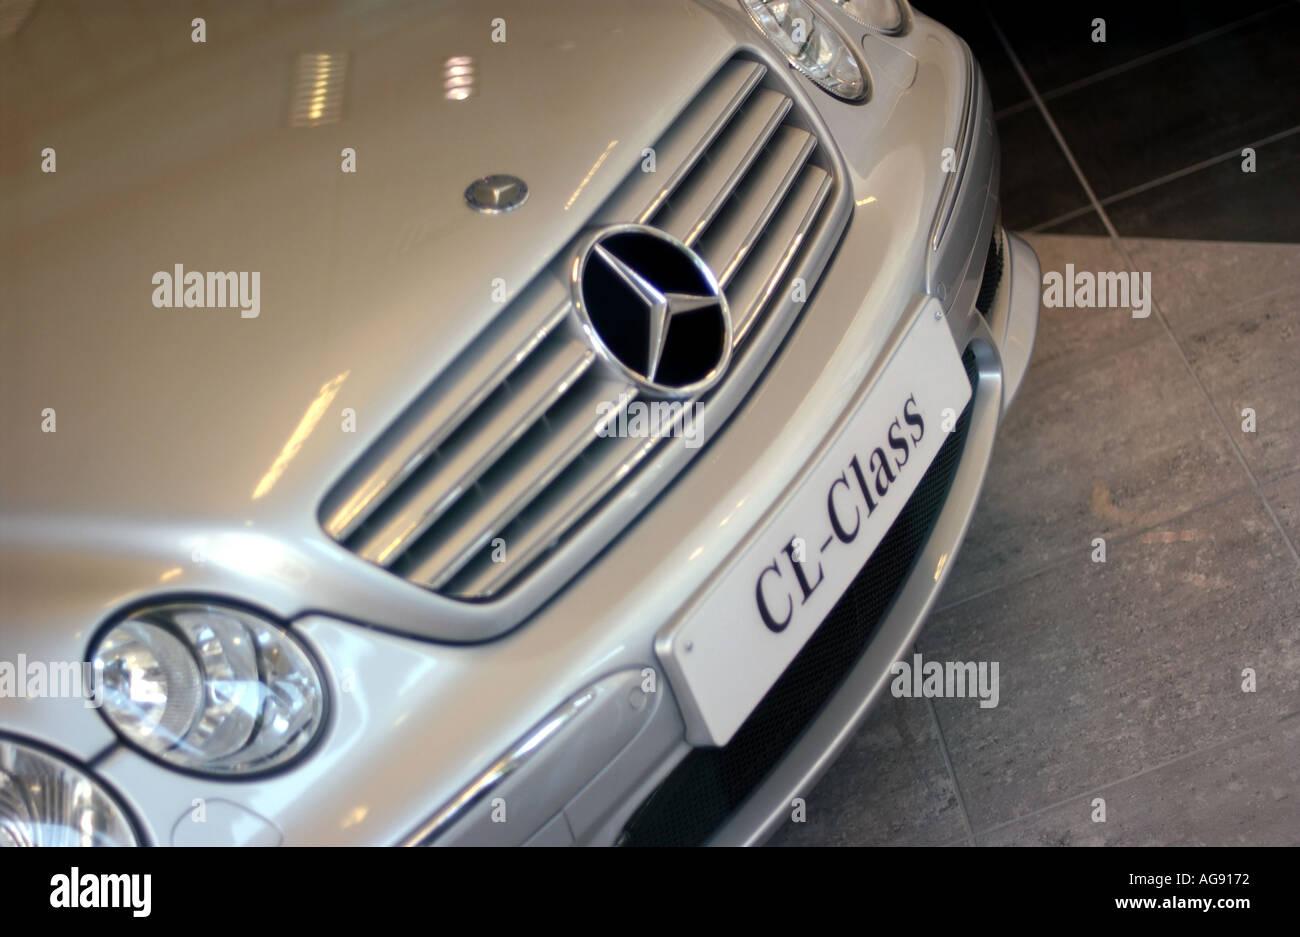 Mercedes Benz Salesroom - Stock Image